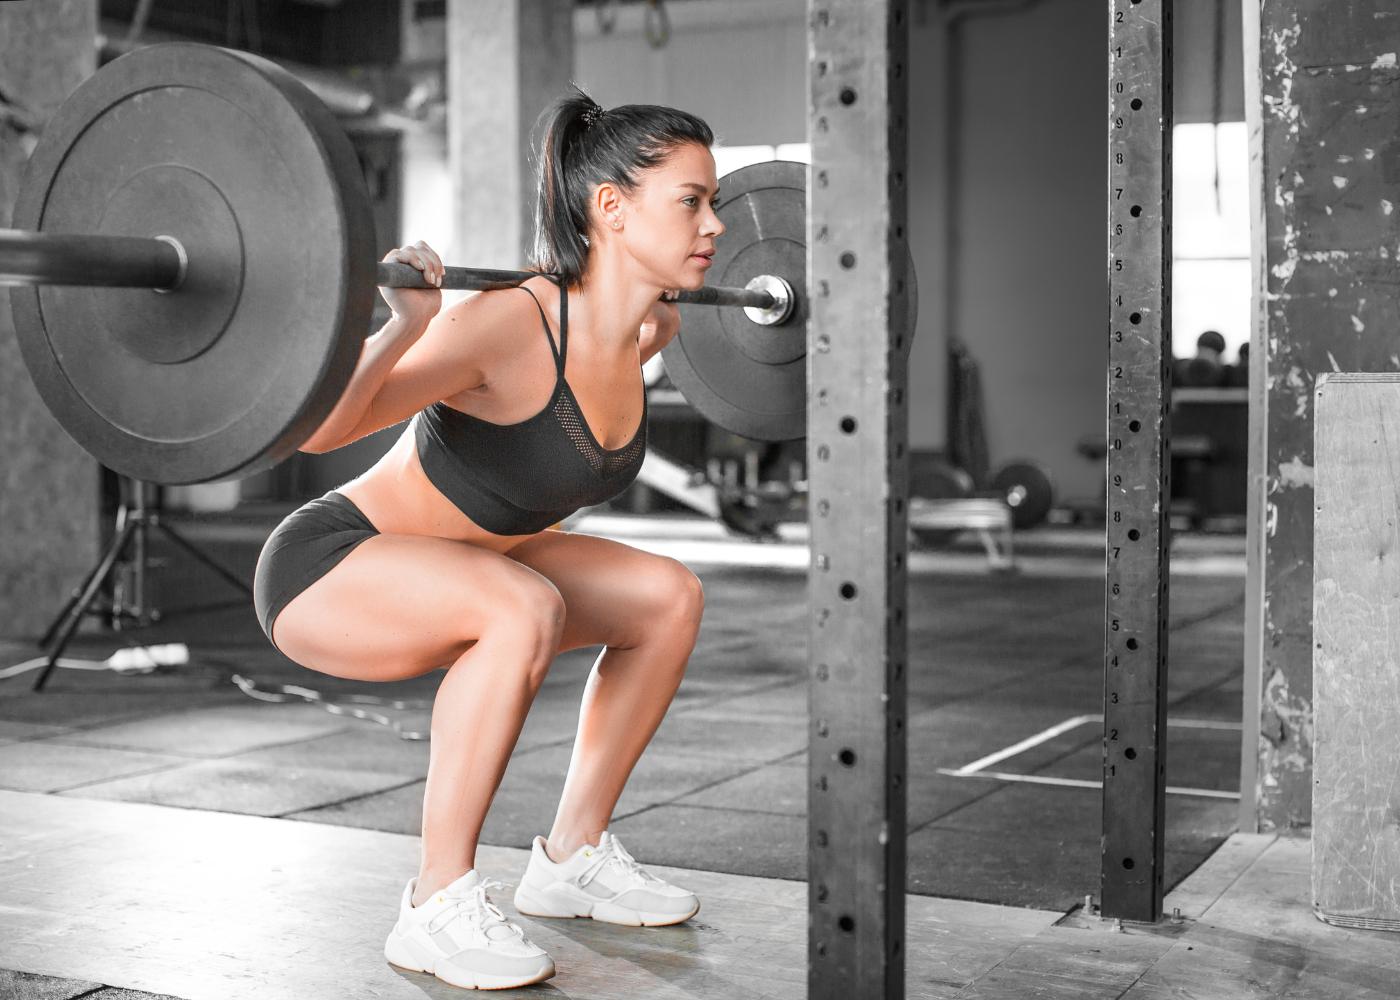 exercicios de musculacao para gluteos